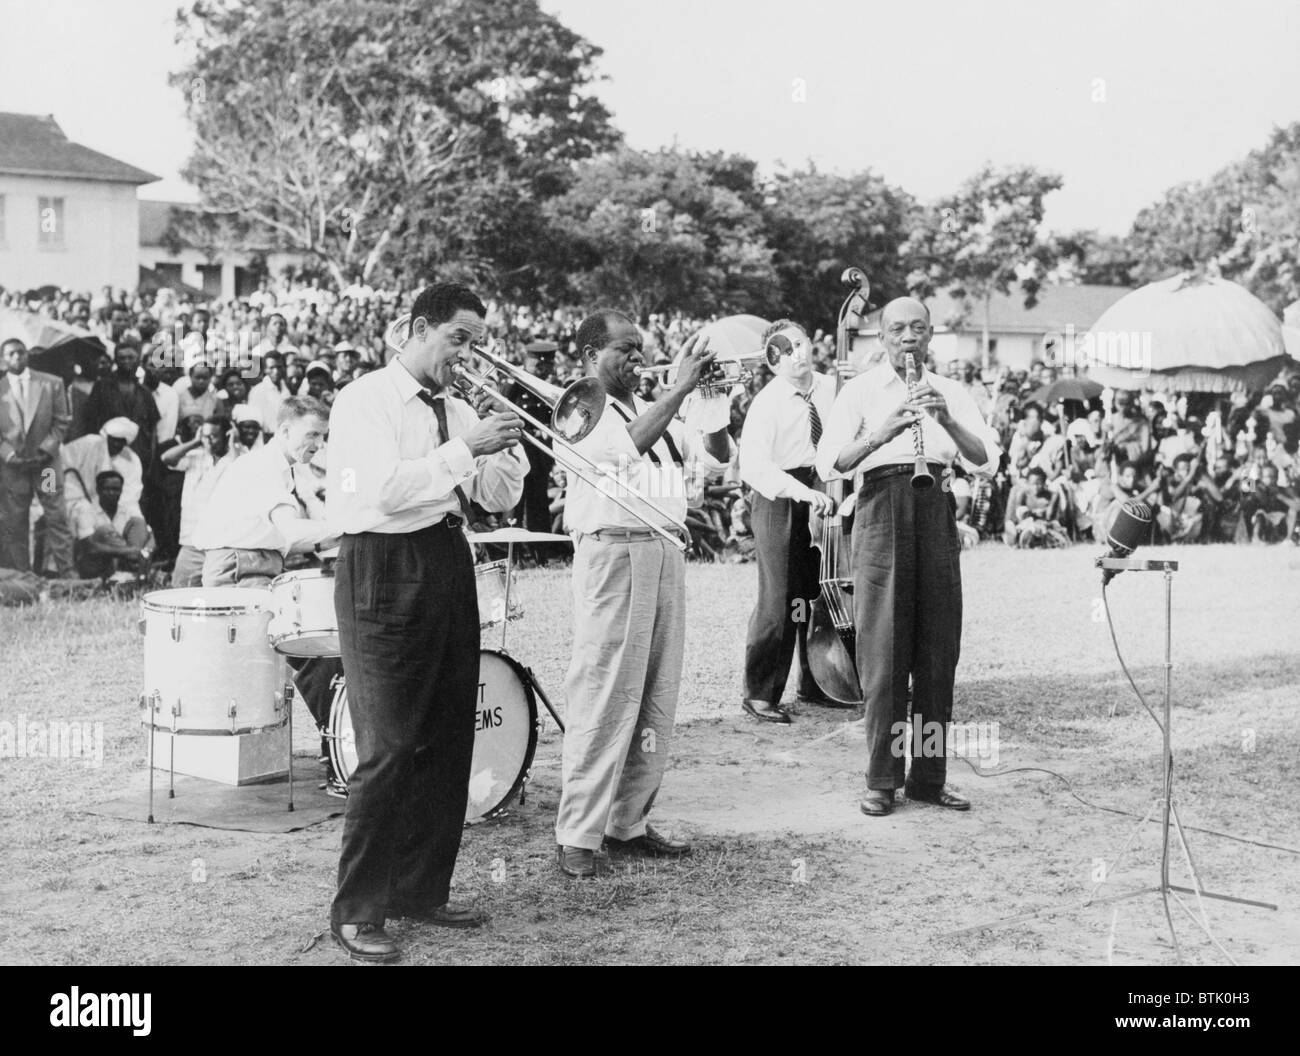 Louis Armstrong (1901-1971), musicien de jazz afro-américain, à jouer de la trompette avec bande à un rassemblement en plein air en Afrique, 1956. Banque D'Images